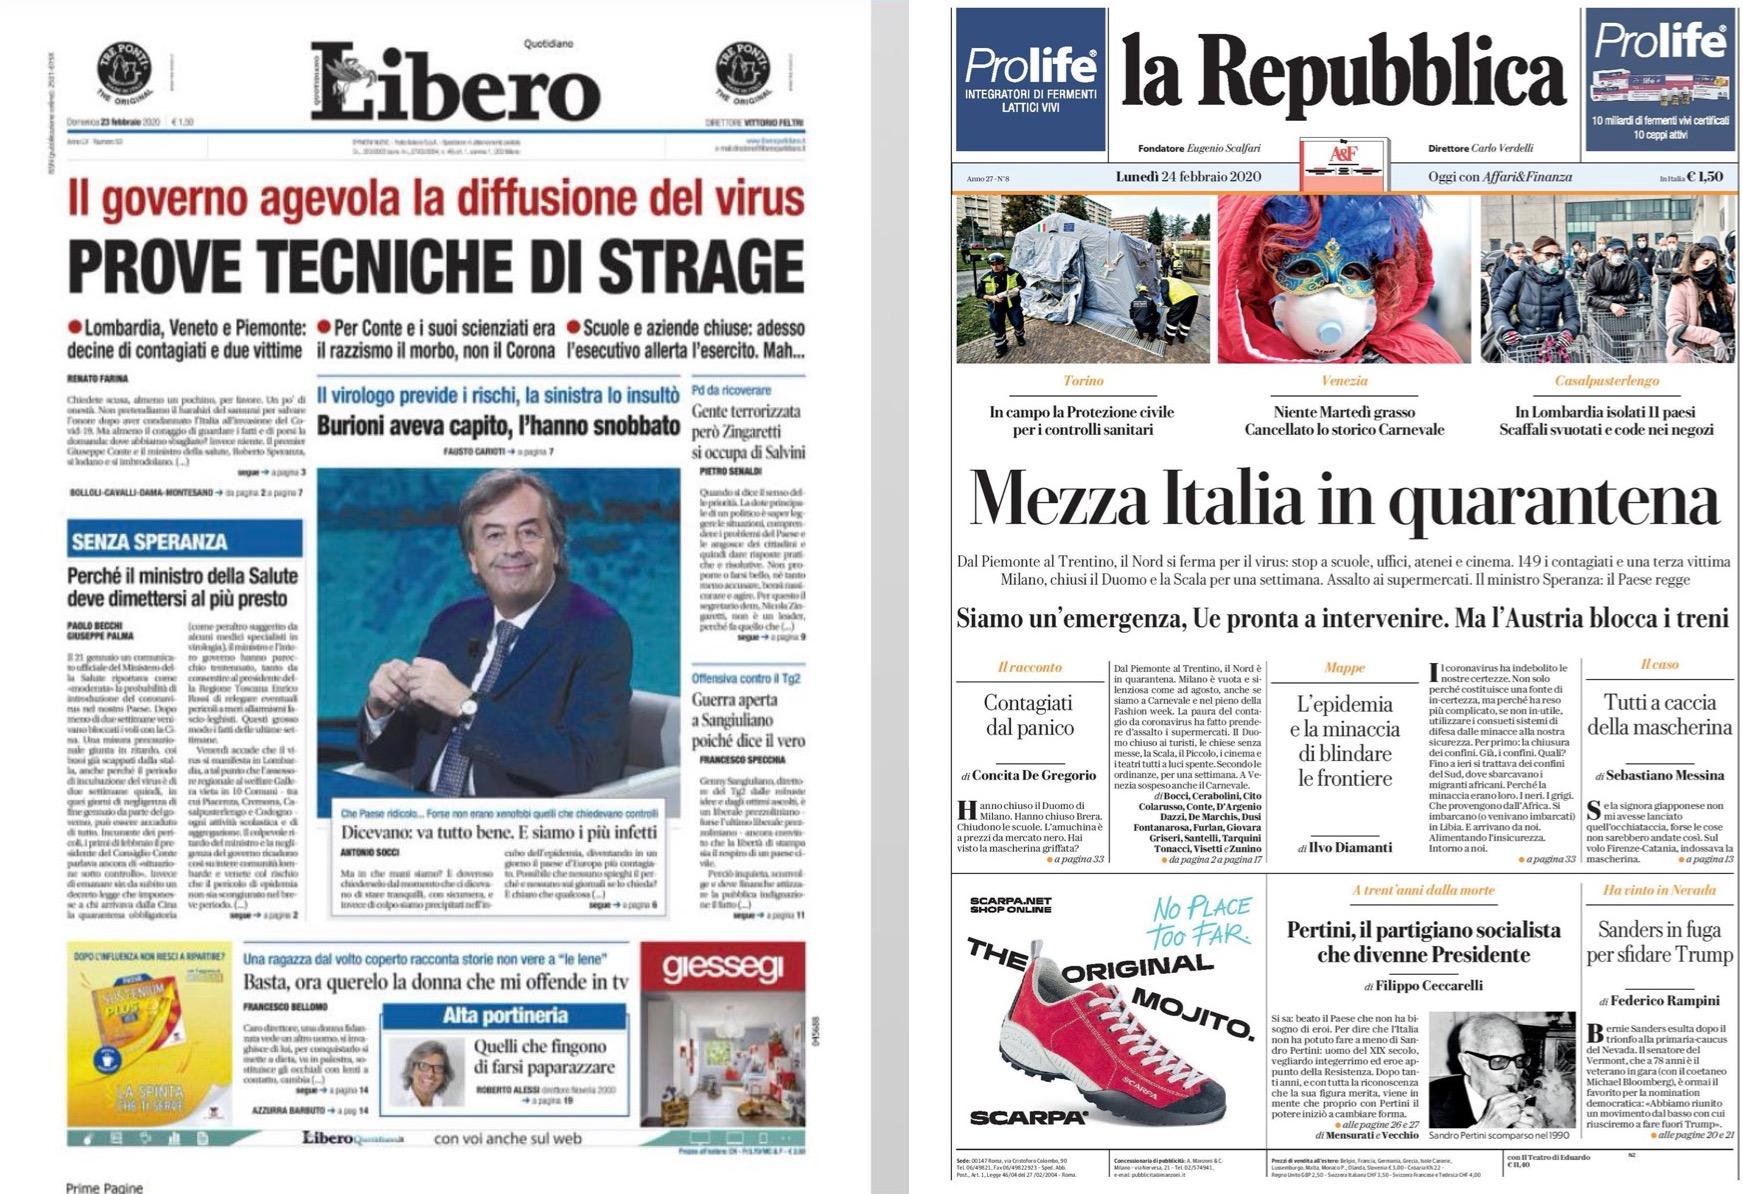 Tutto quello che i media italiani stanno sbagliando nel raccontare il coronavirus